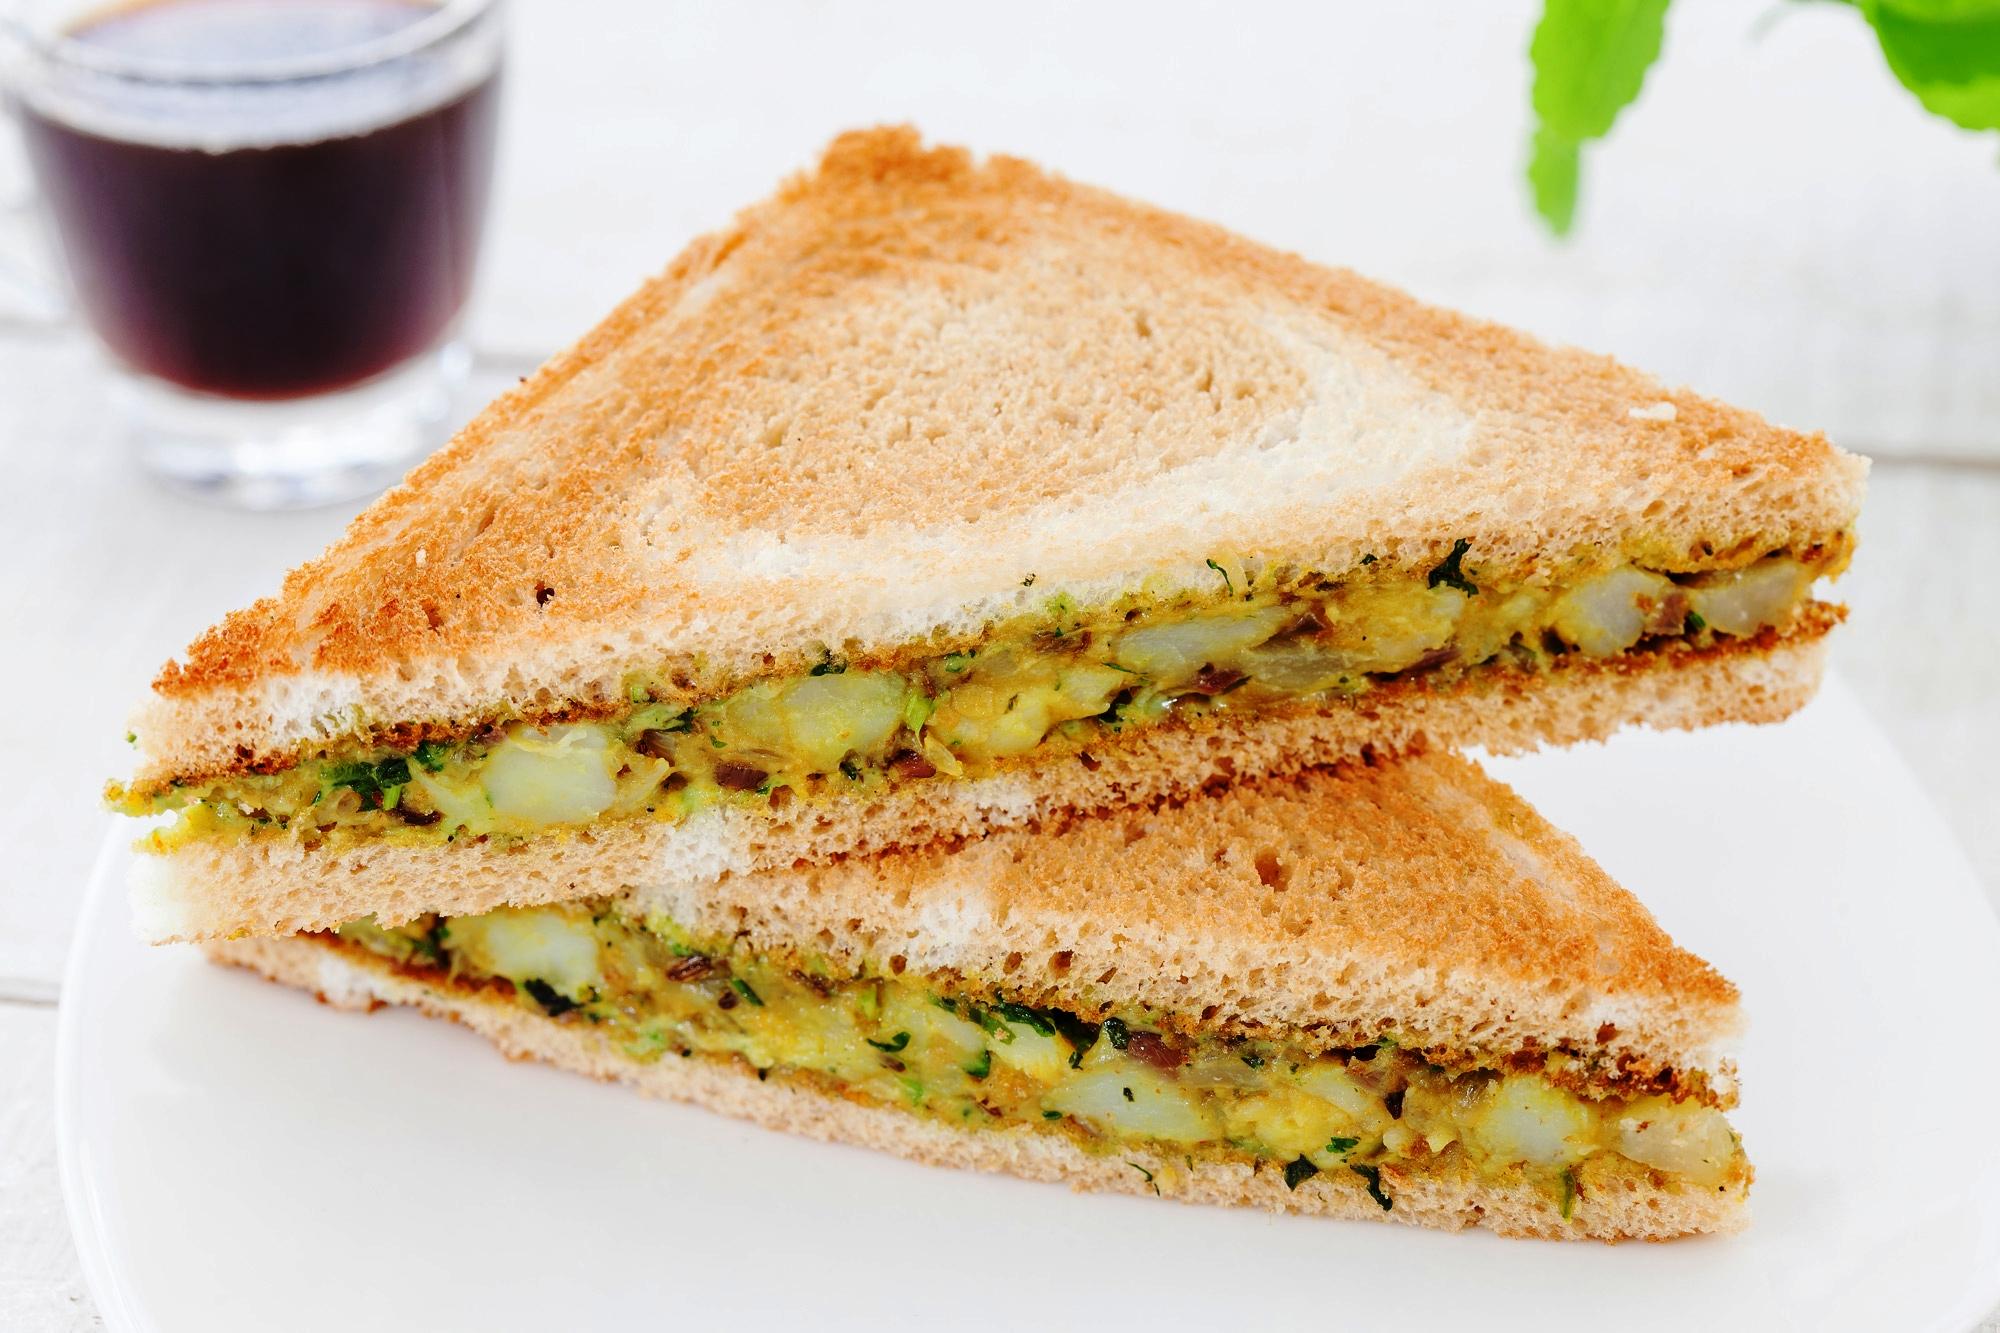 _18FM00674_Aloo Chutney Sandwich (Veg).jpg